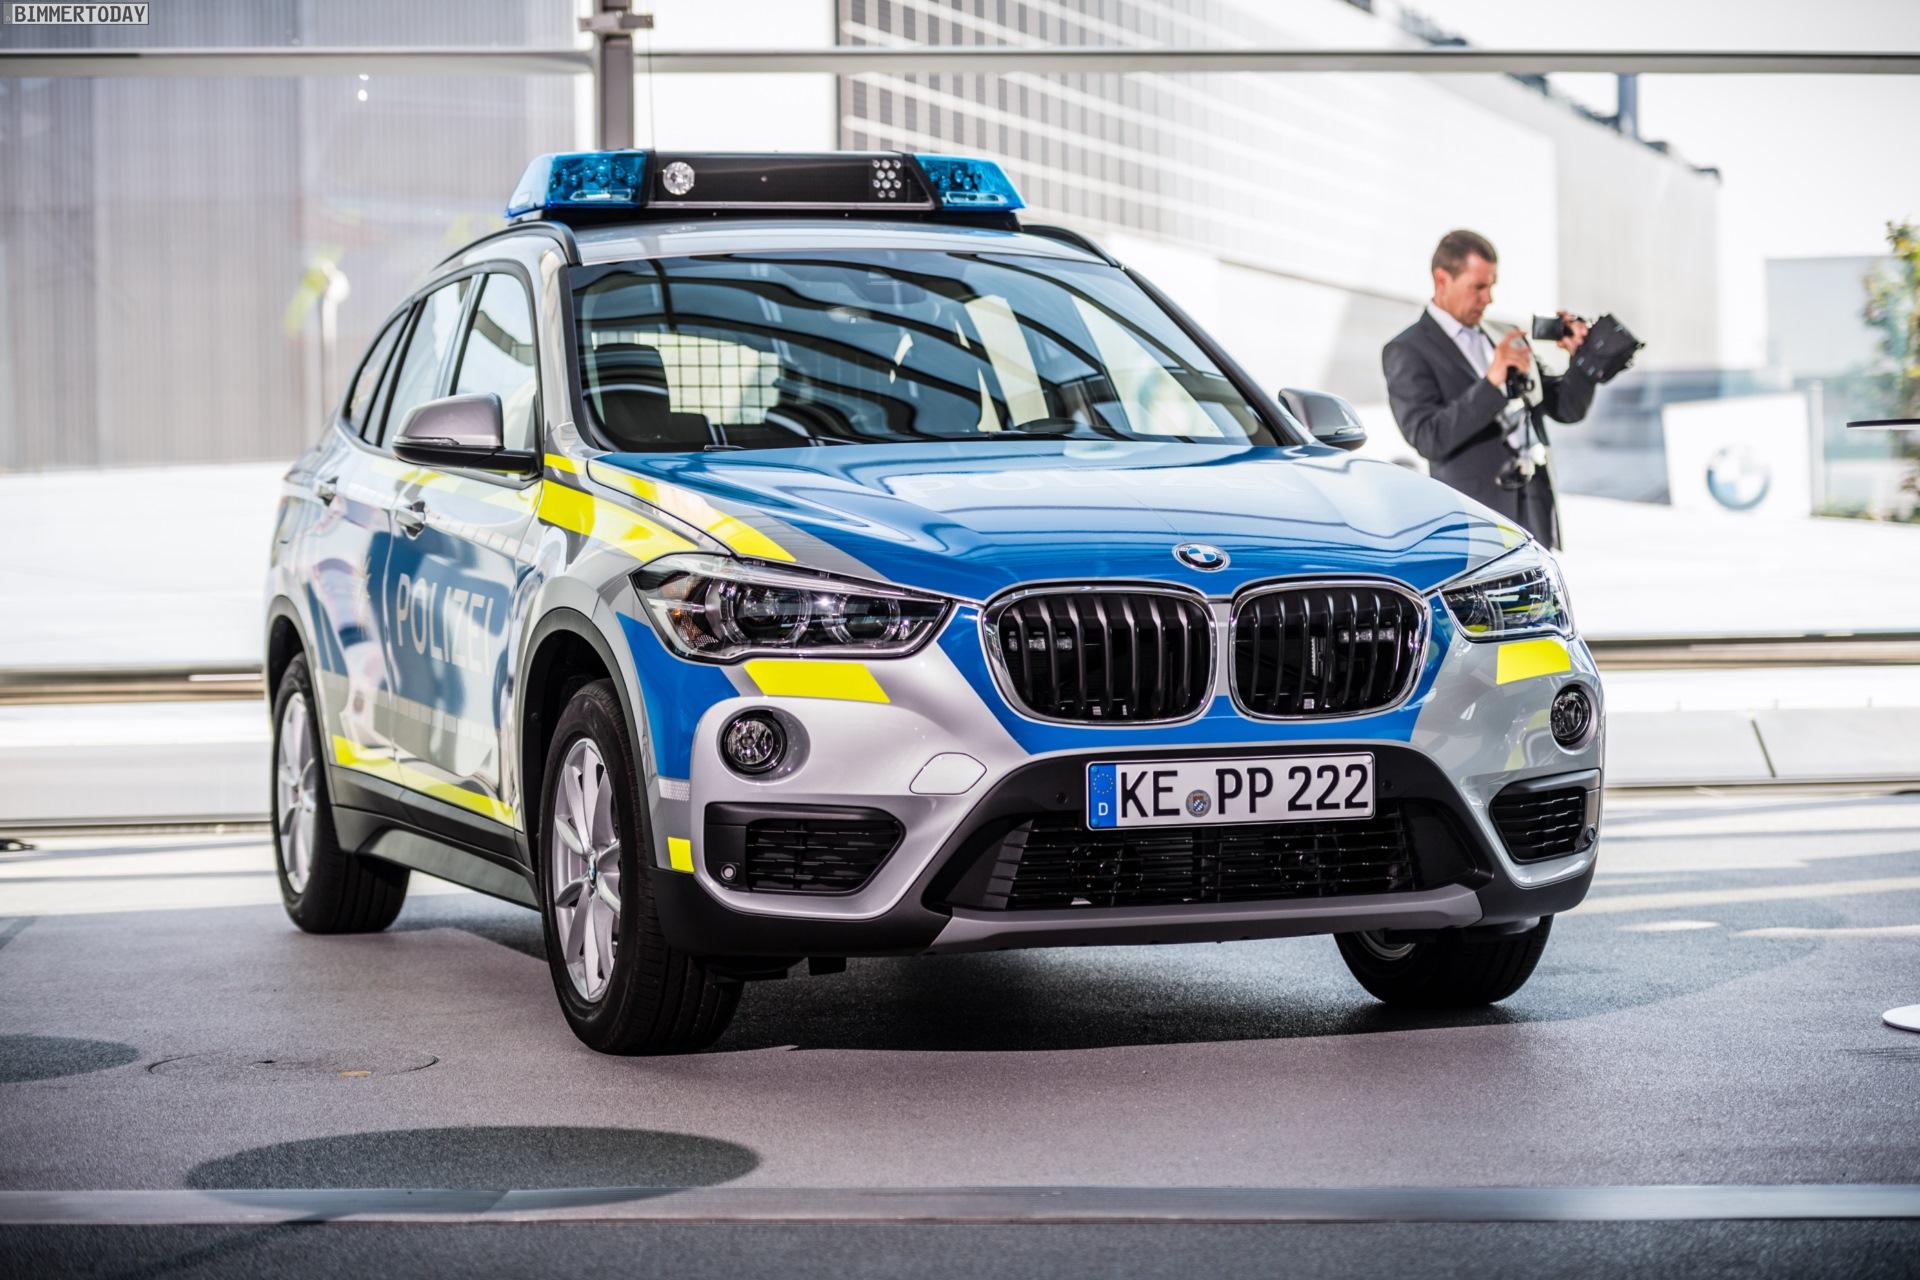 Bmw Streifenwagen In Blau Und Neongelb F 252 R Die Polizei Bayern